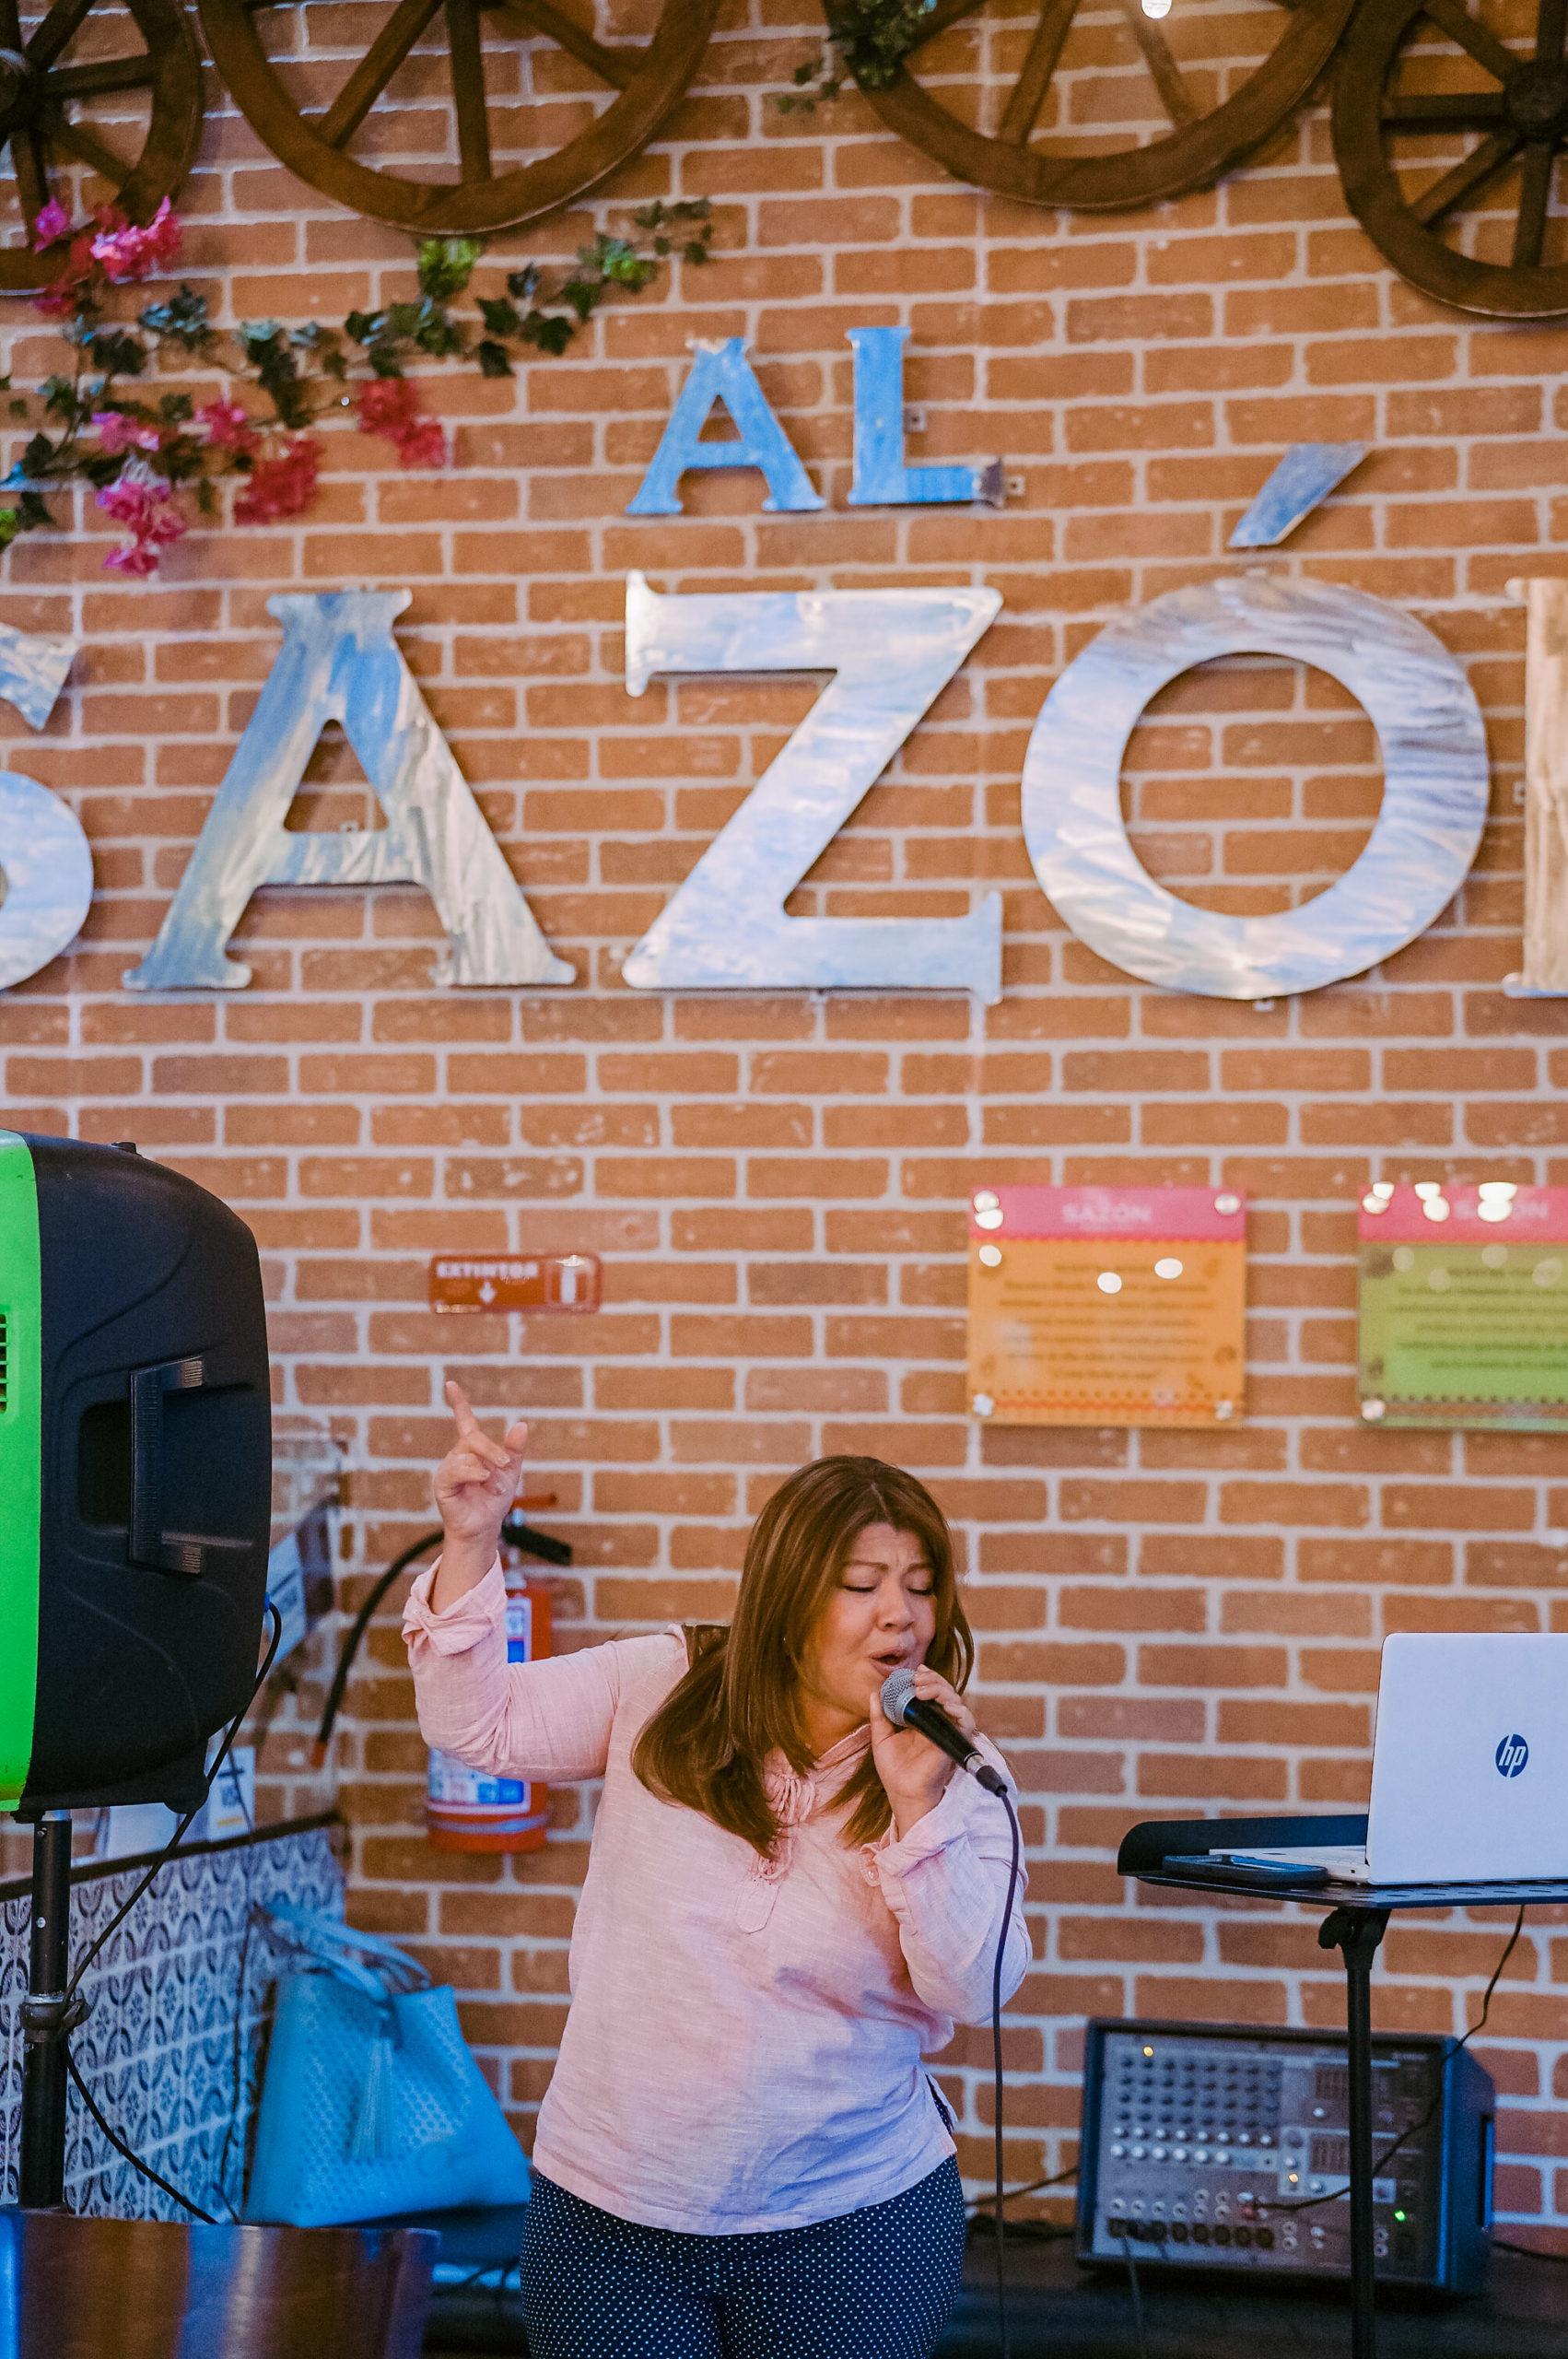 Al Sazón se distingue por un ambiente familiar y amigable